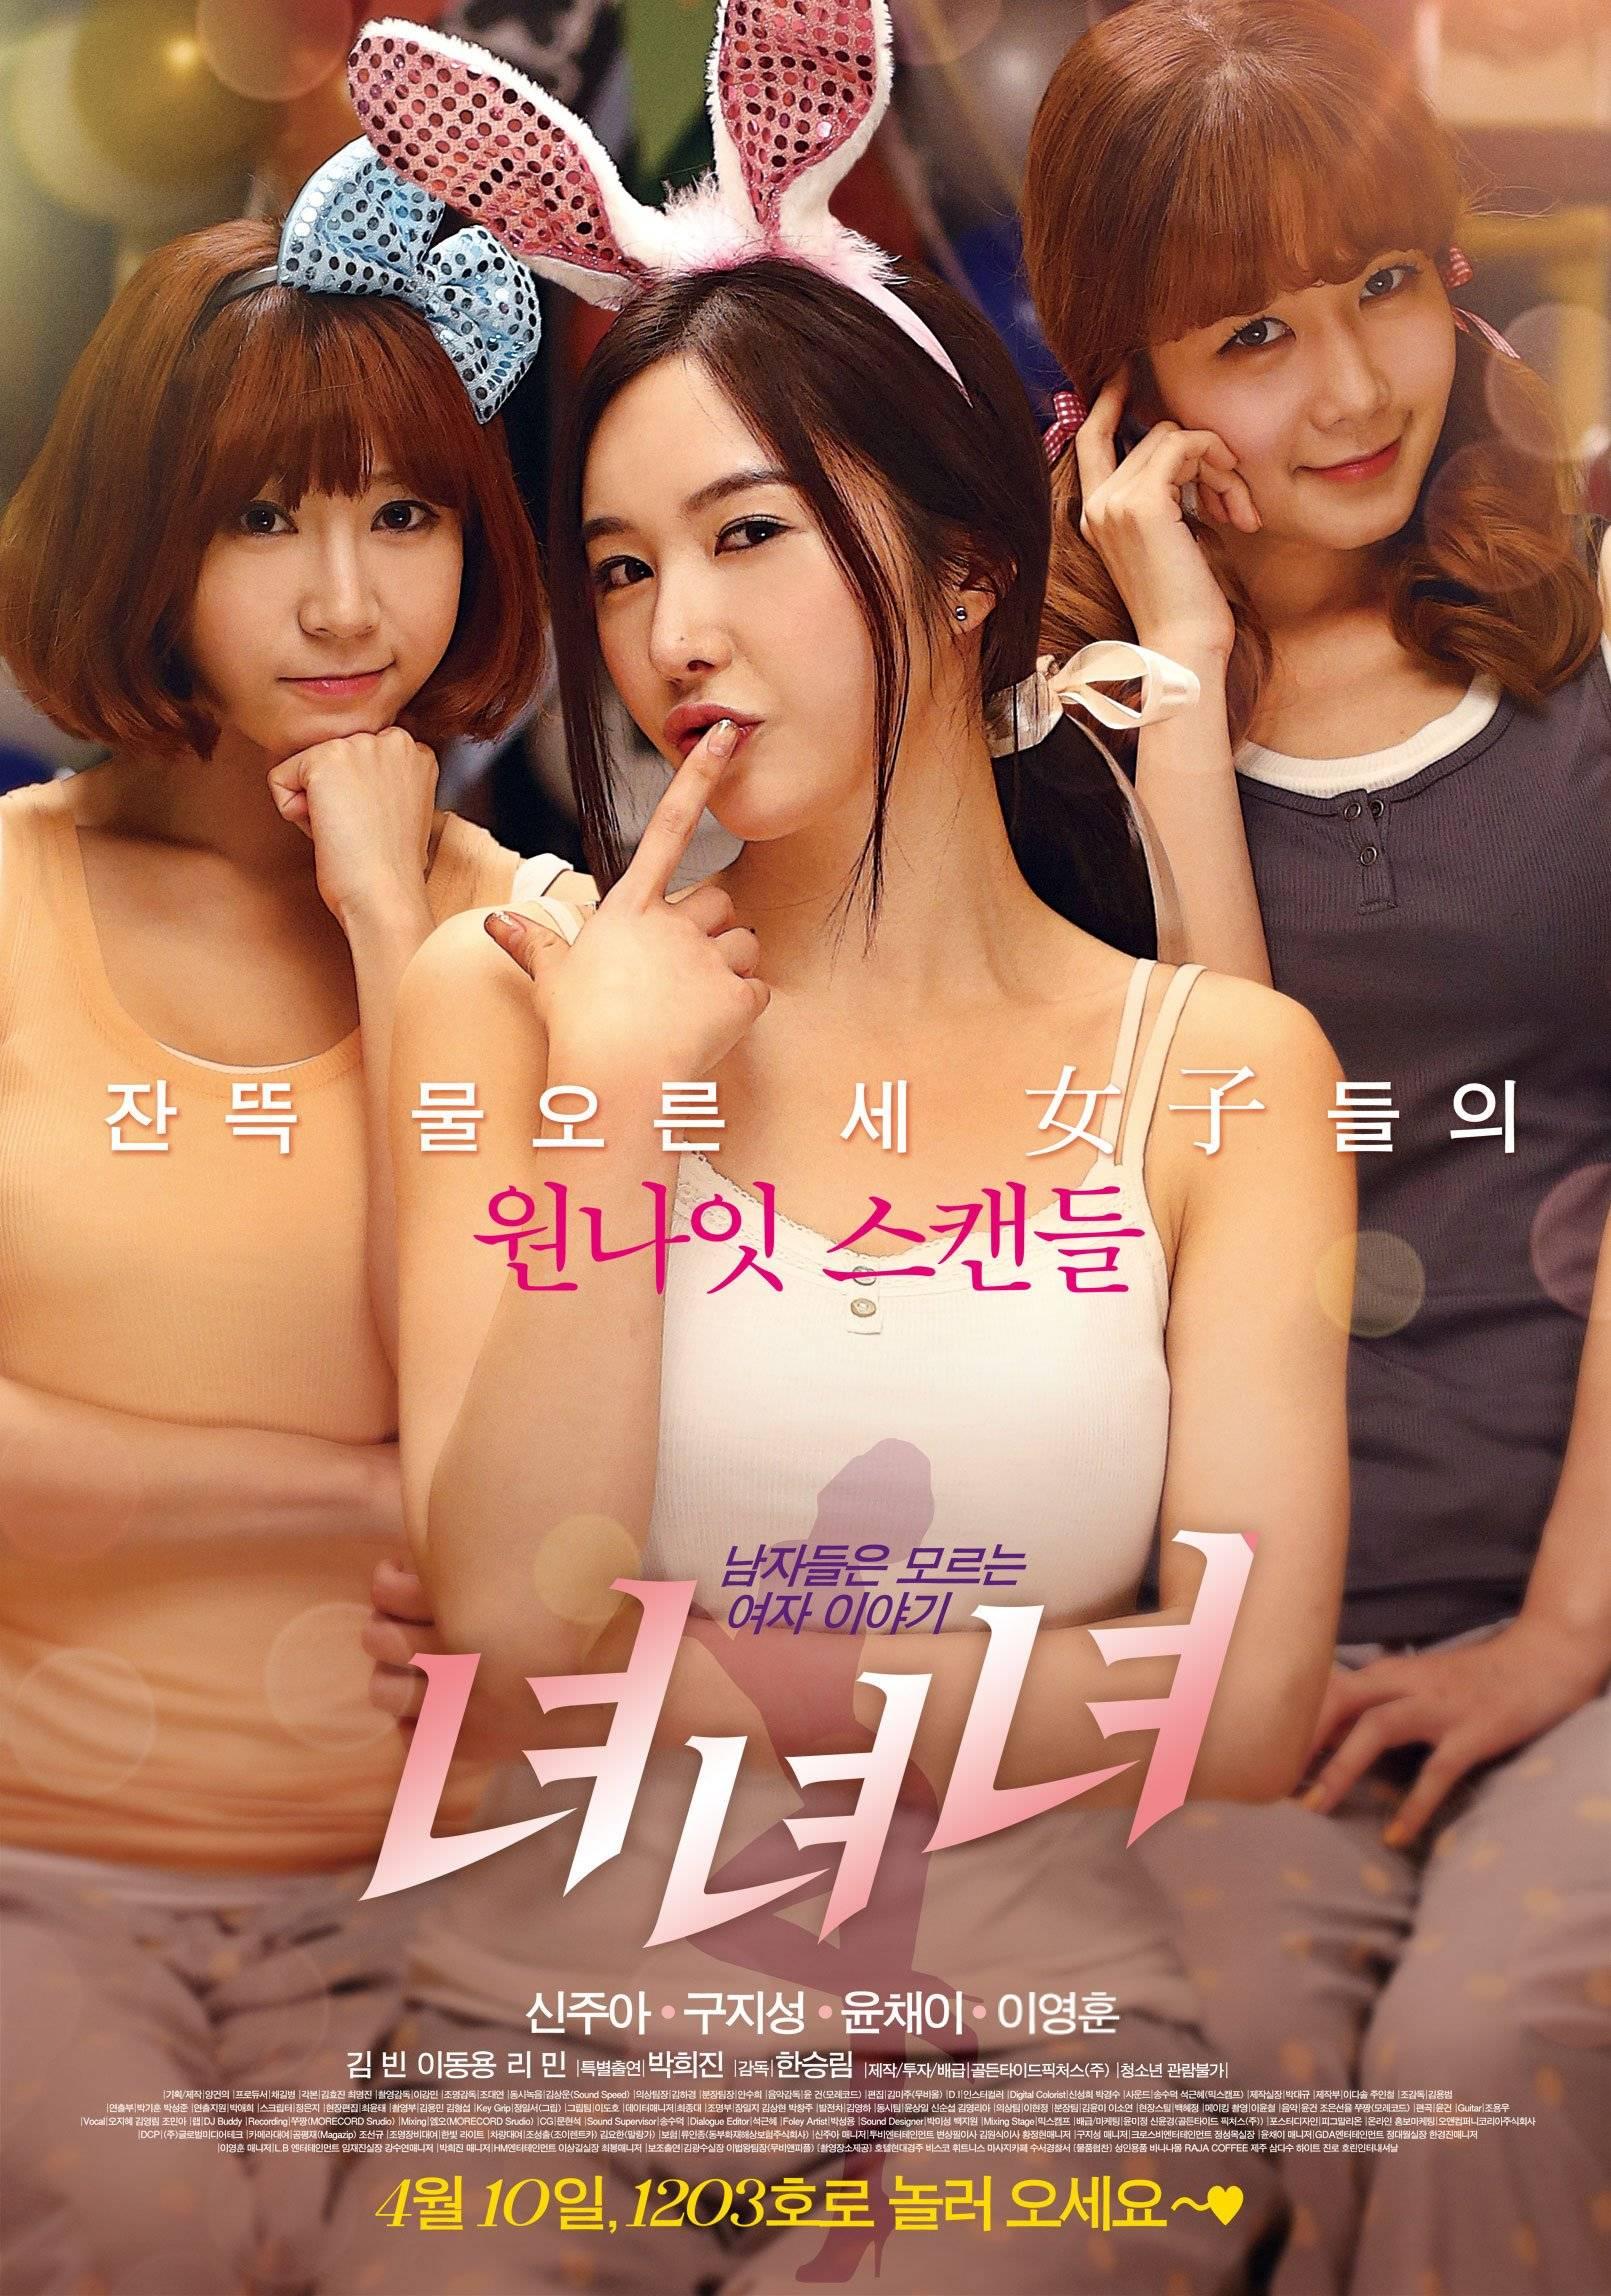 Free korean adult movie